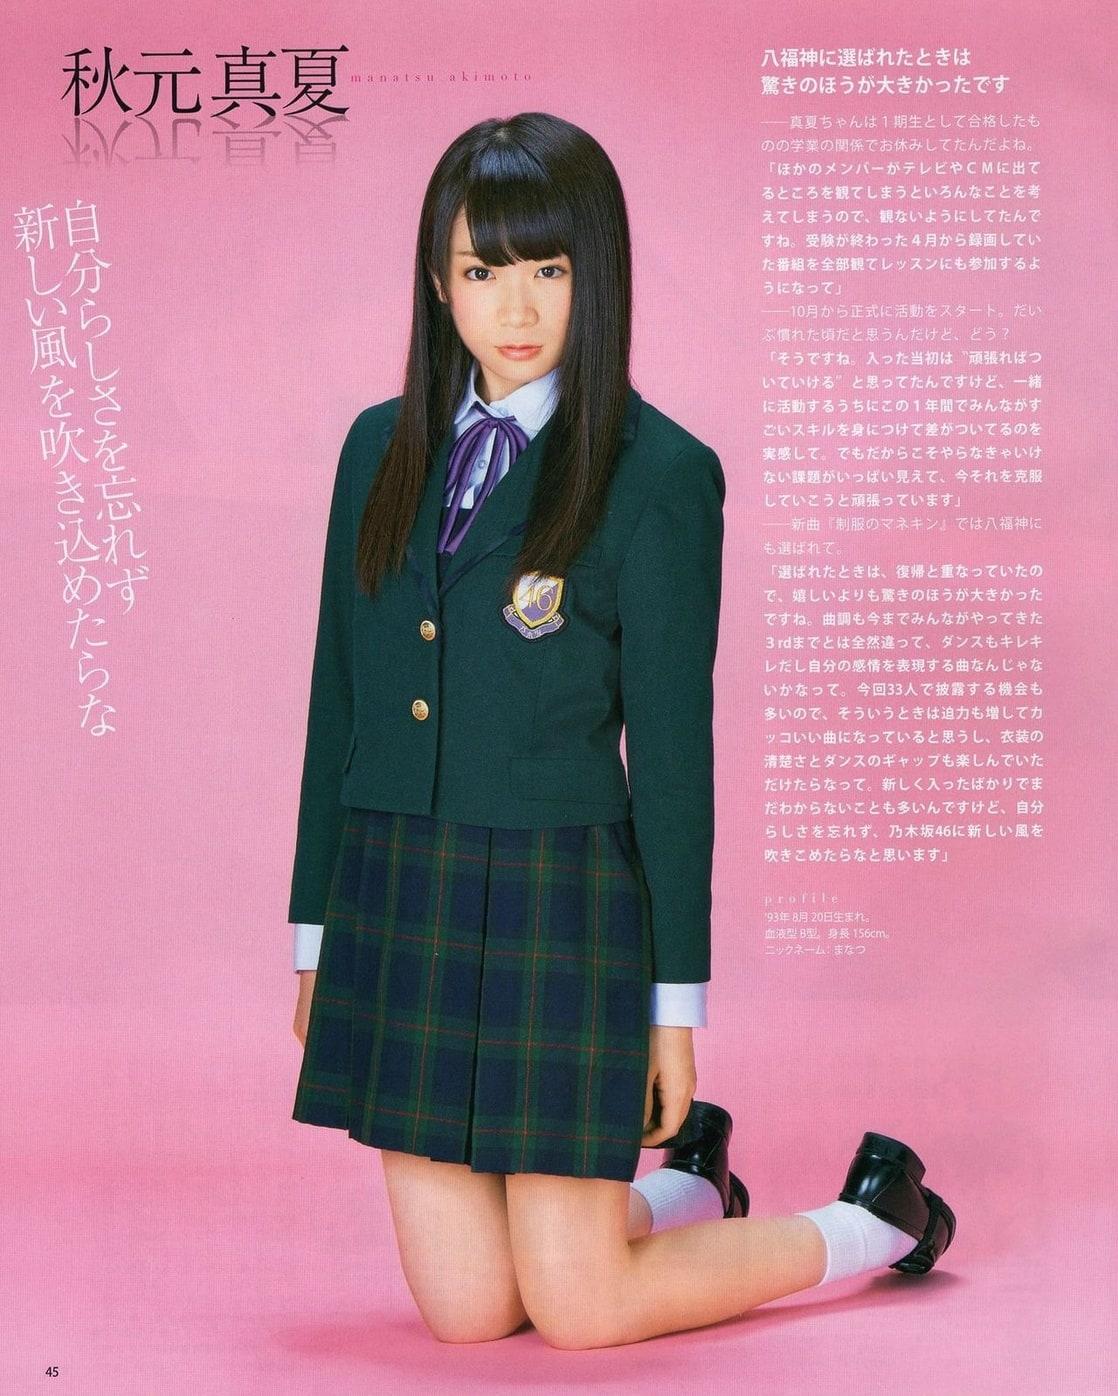 Picture of Manatsu Akimoto